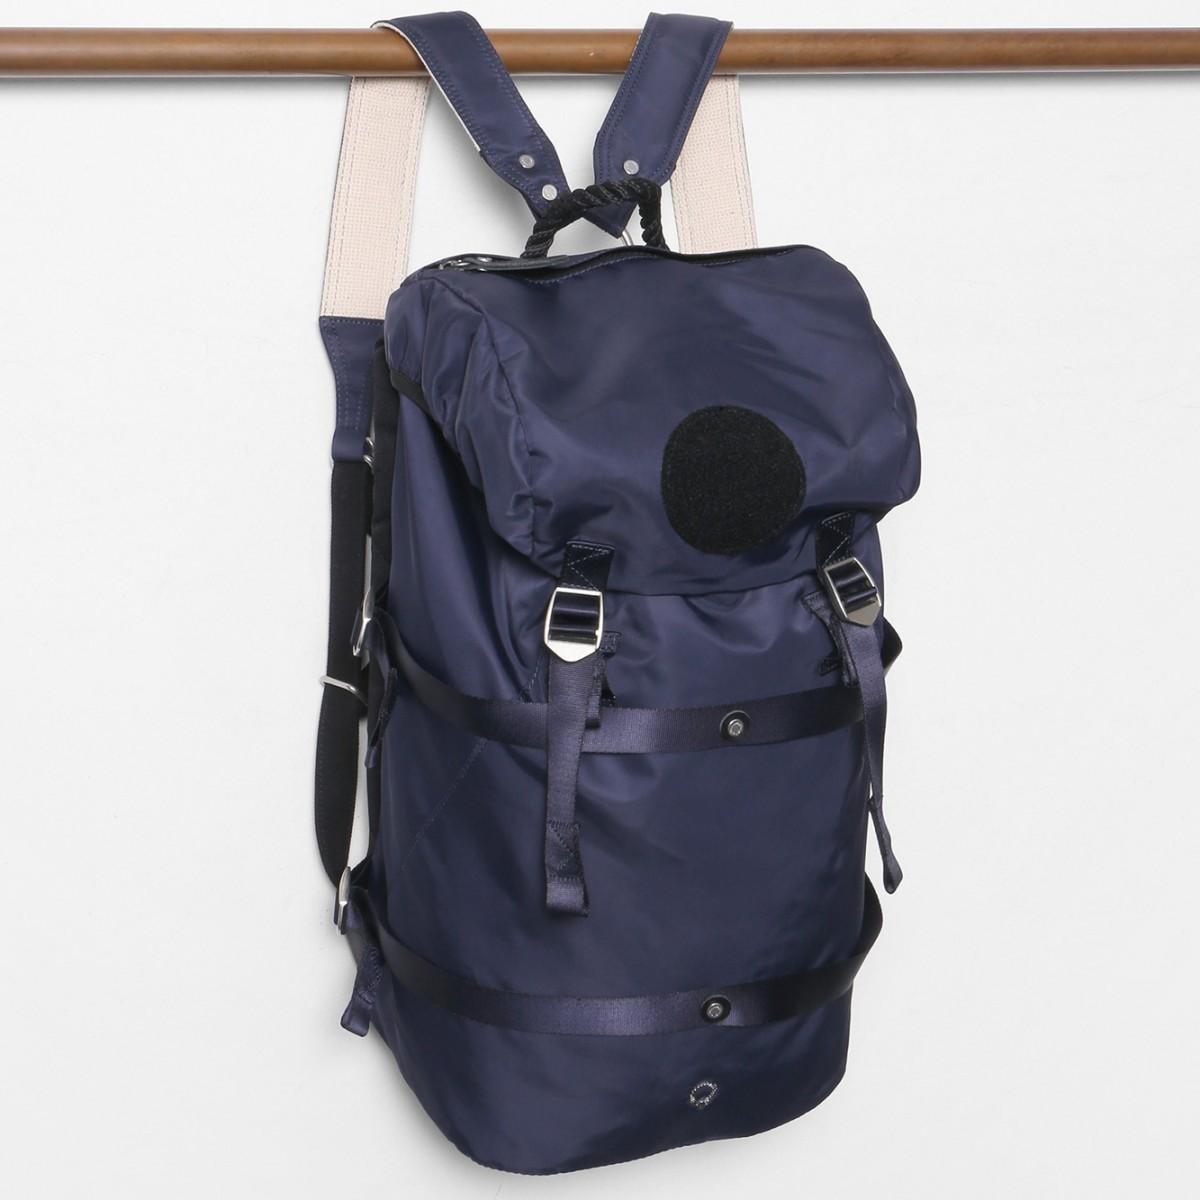 STIGHLORGAN (スティグローガン) CONN 210D Laptop Backpack